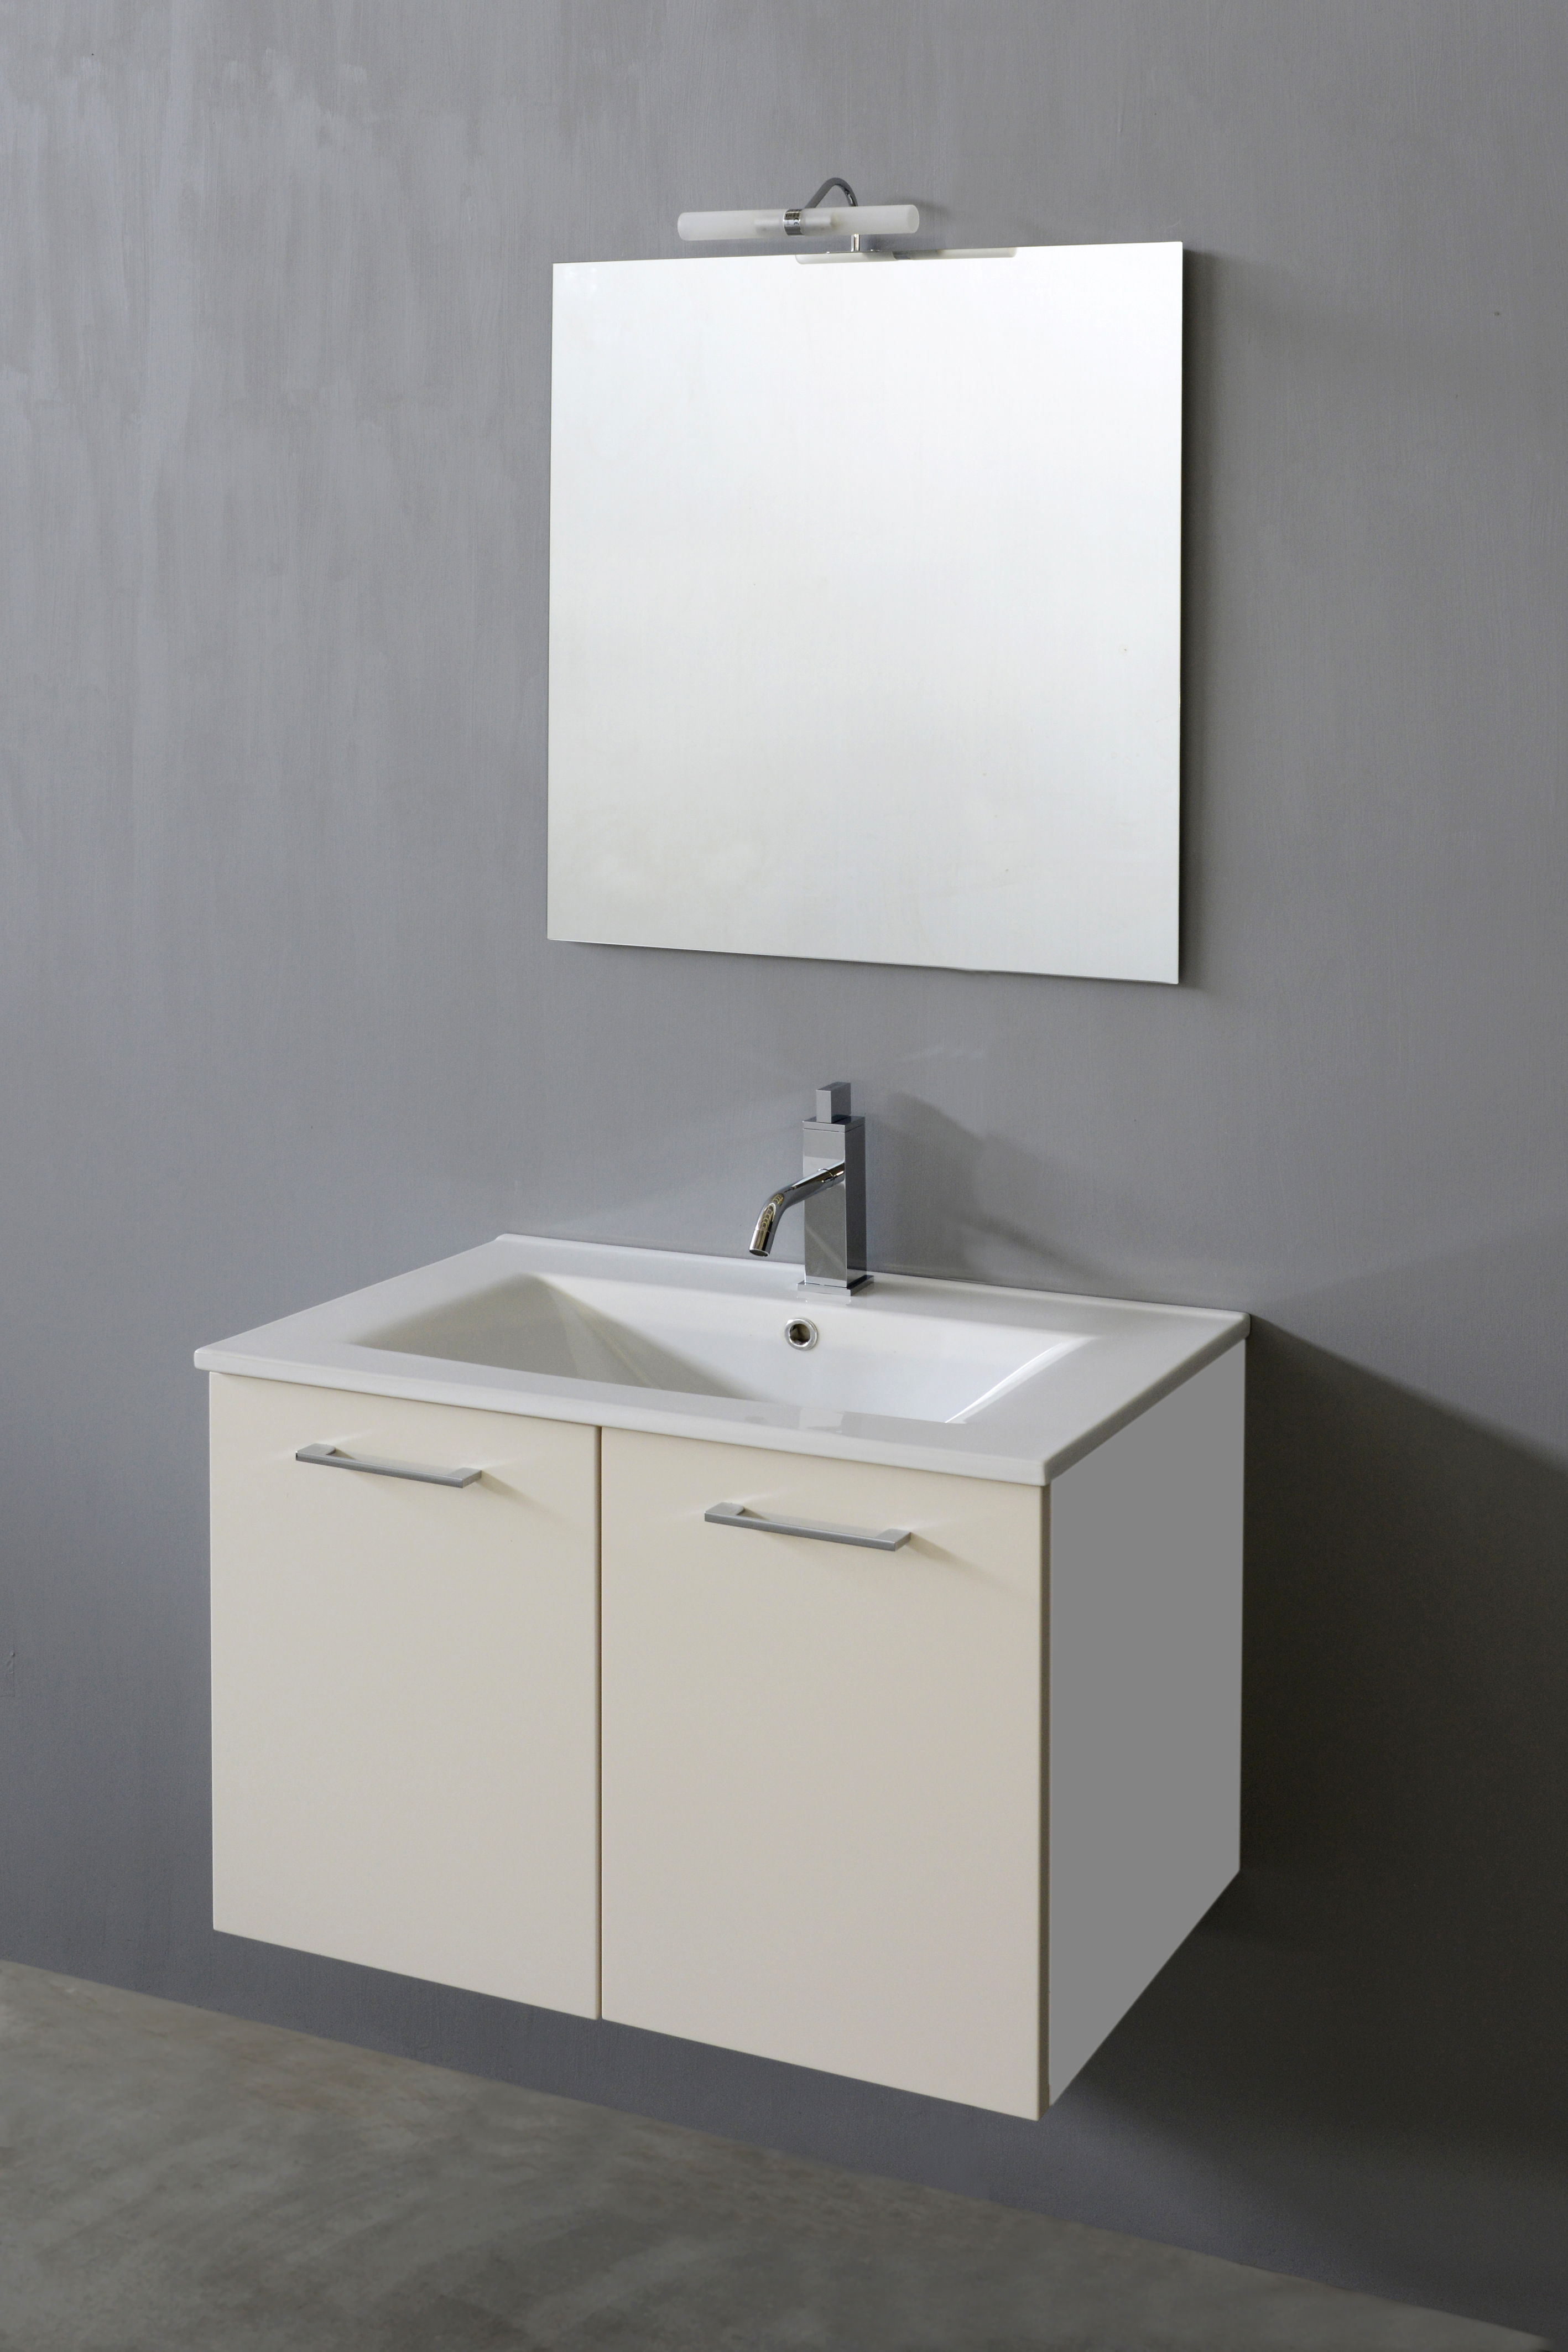 Mobili bagno bricofer design casa creativa e mobili - Mobile bagno 2 lavabi ...